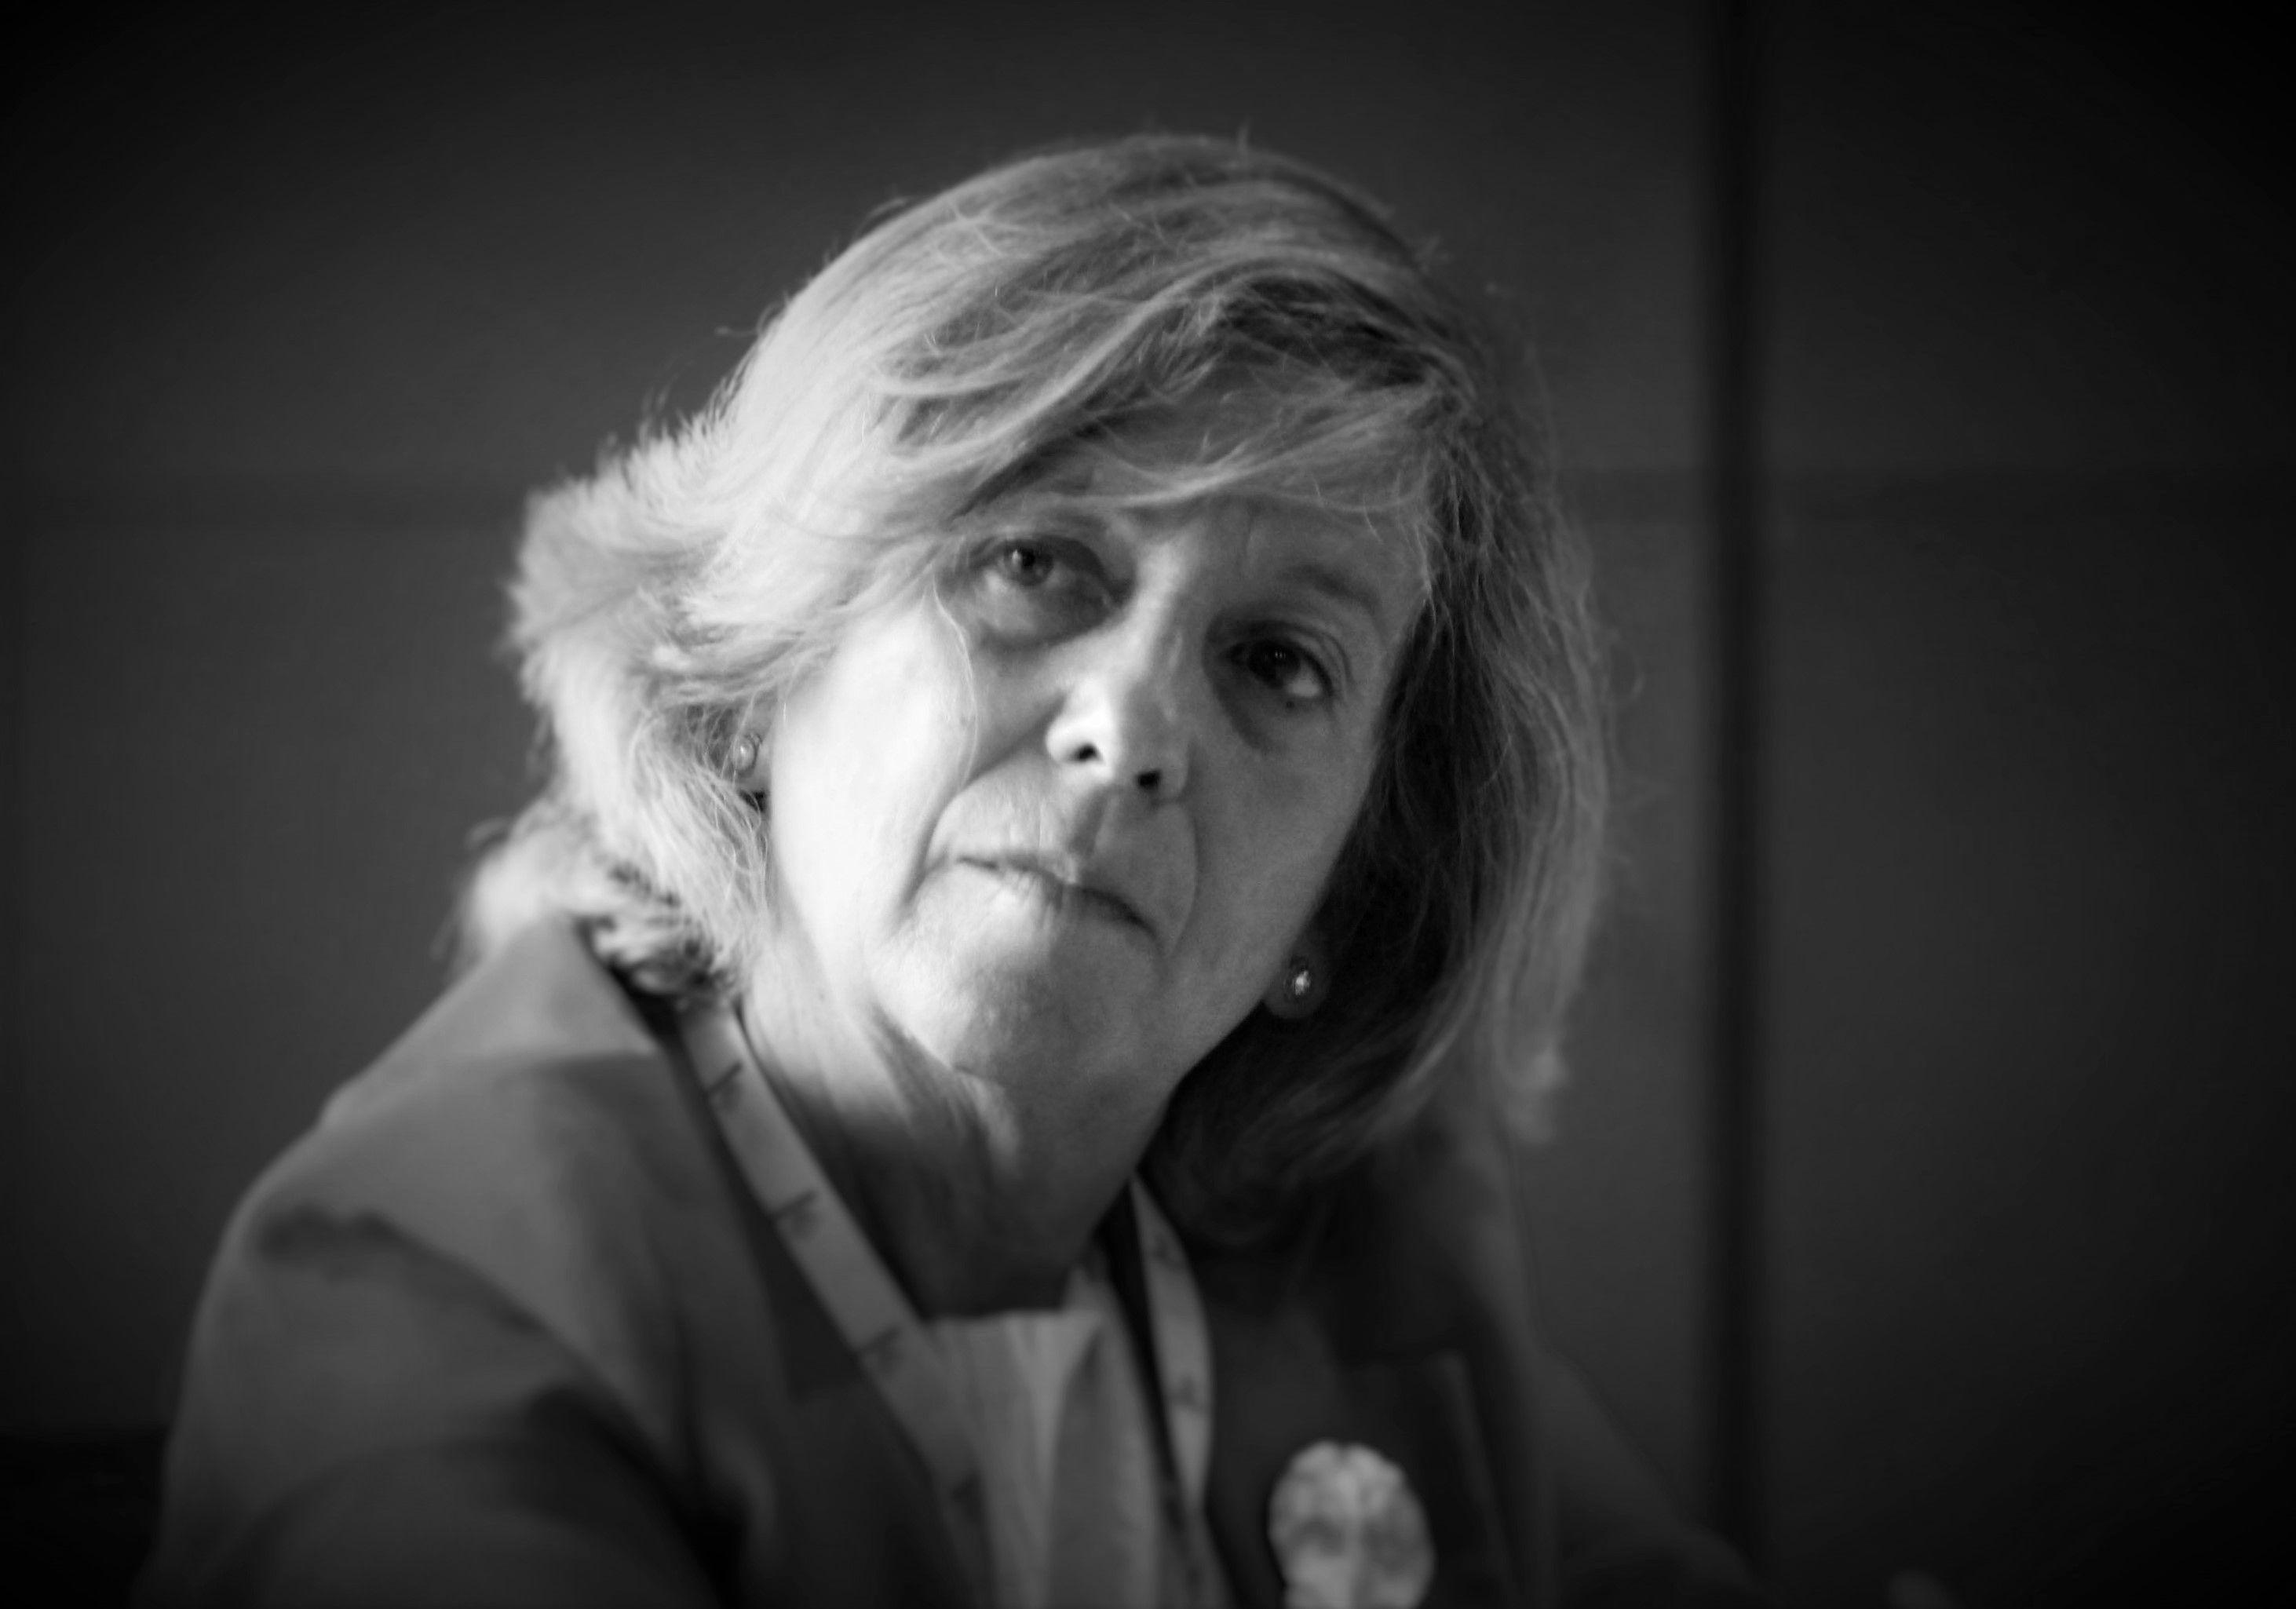 Cristina Giménez-Vega